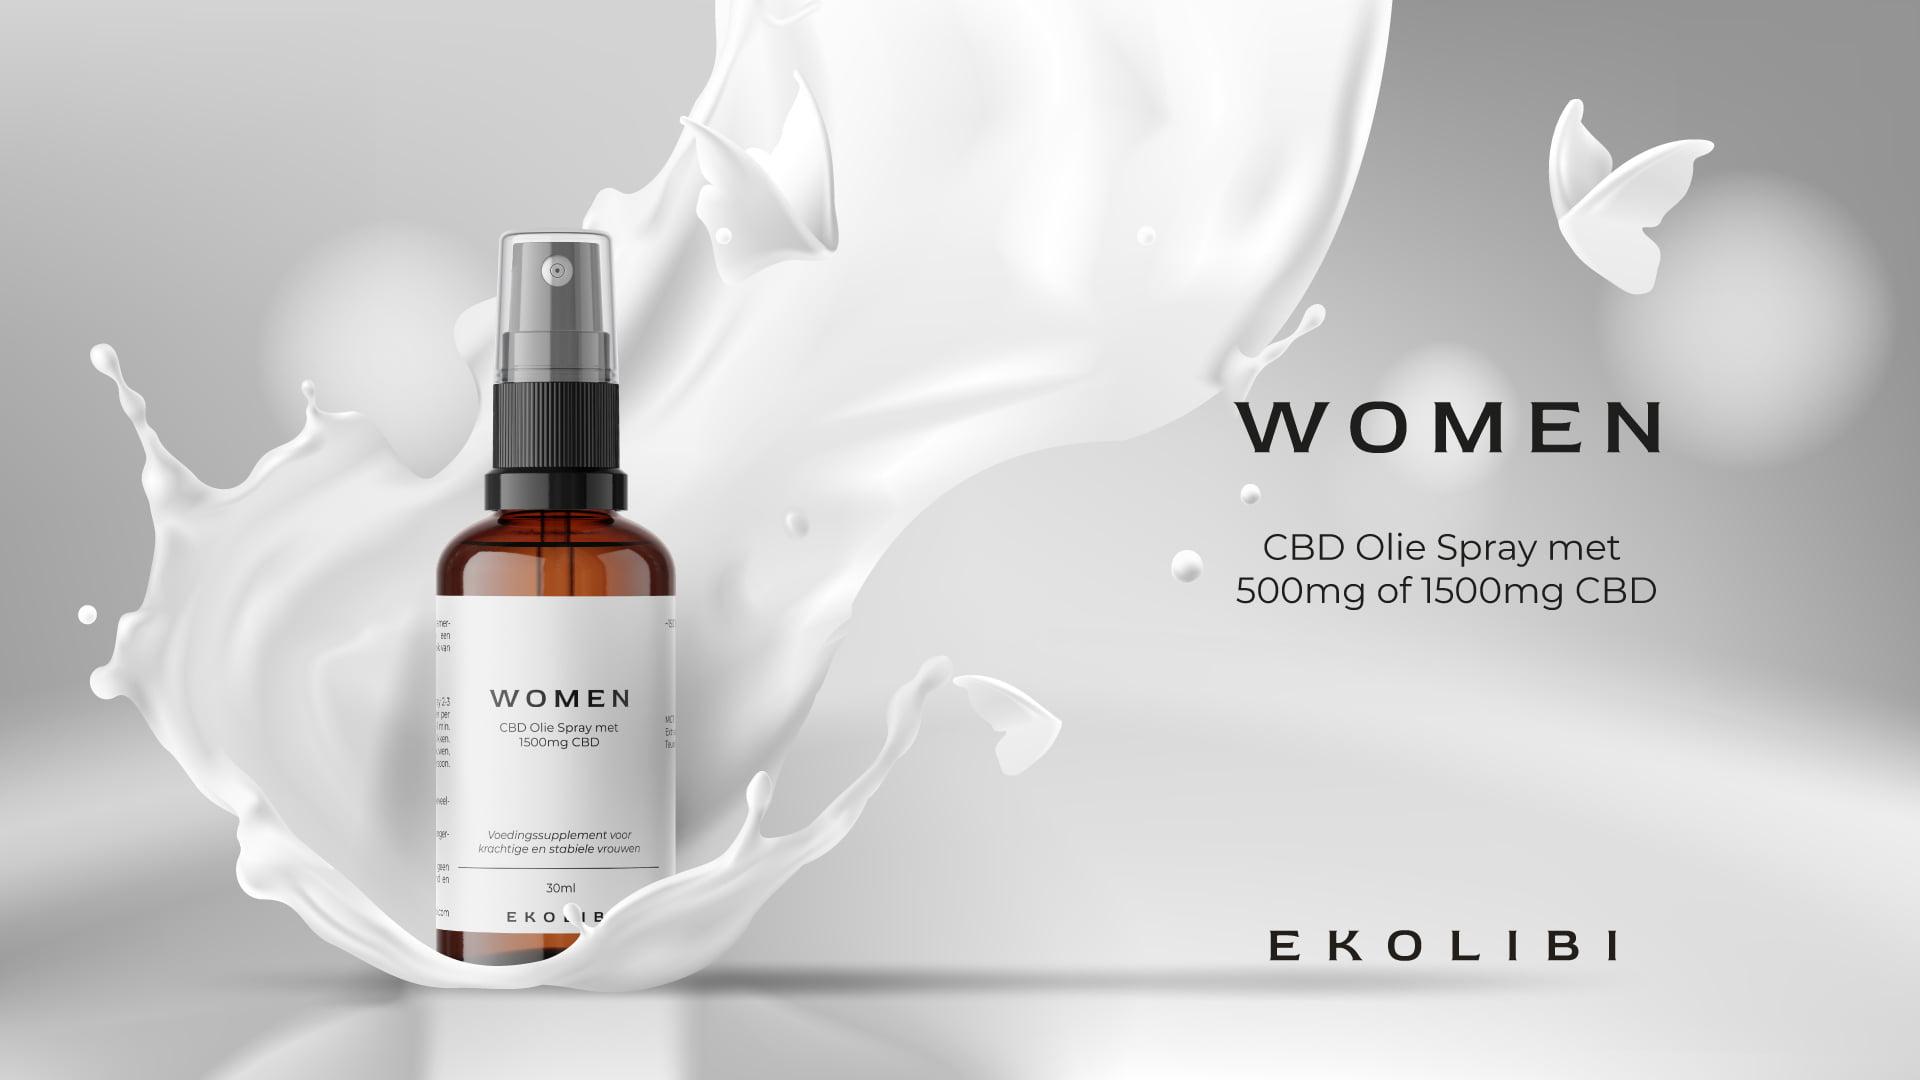 Ekolibi Women CBD productpagina